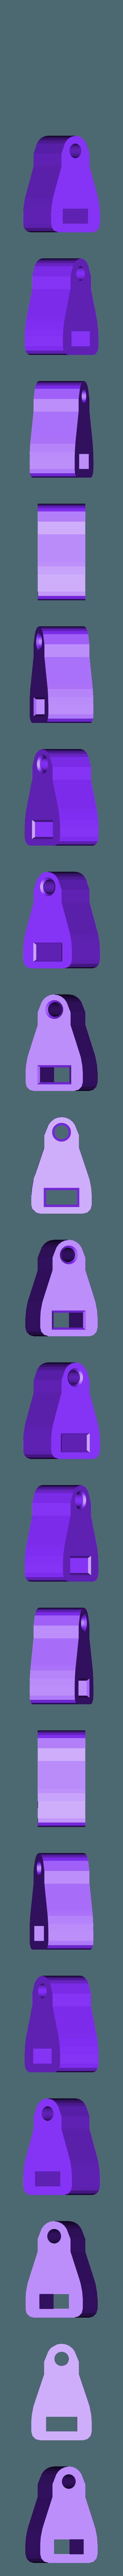 dasaki_MK8ish_extruder_knob_holder.stl Télécharger fichier STL gratuit Dasaki MK8ish Extrudeuse à entraînement direct pour Prusa i3 (engrenage d'entraînement MK8) • Design imprimable en 3D, dasaki